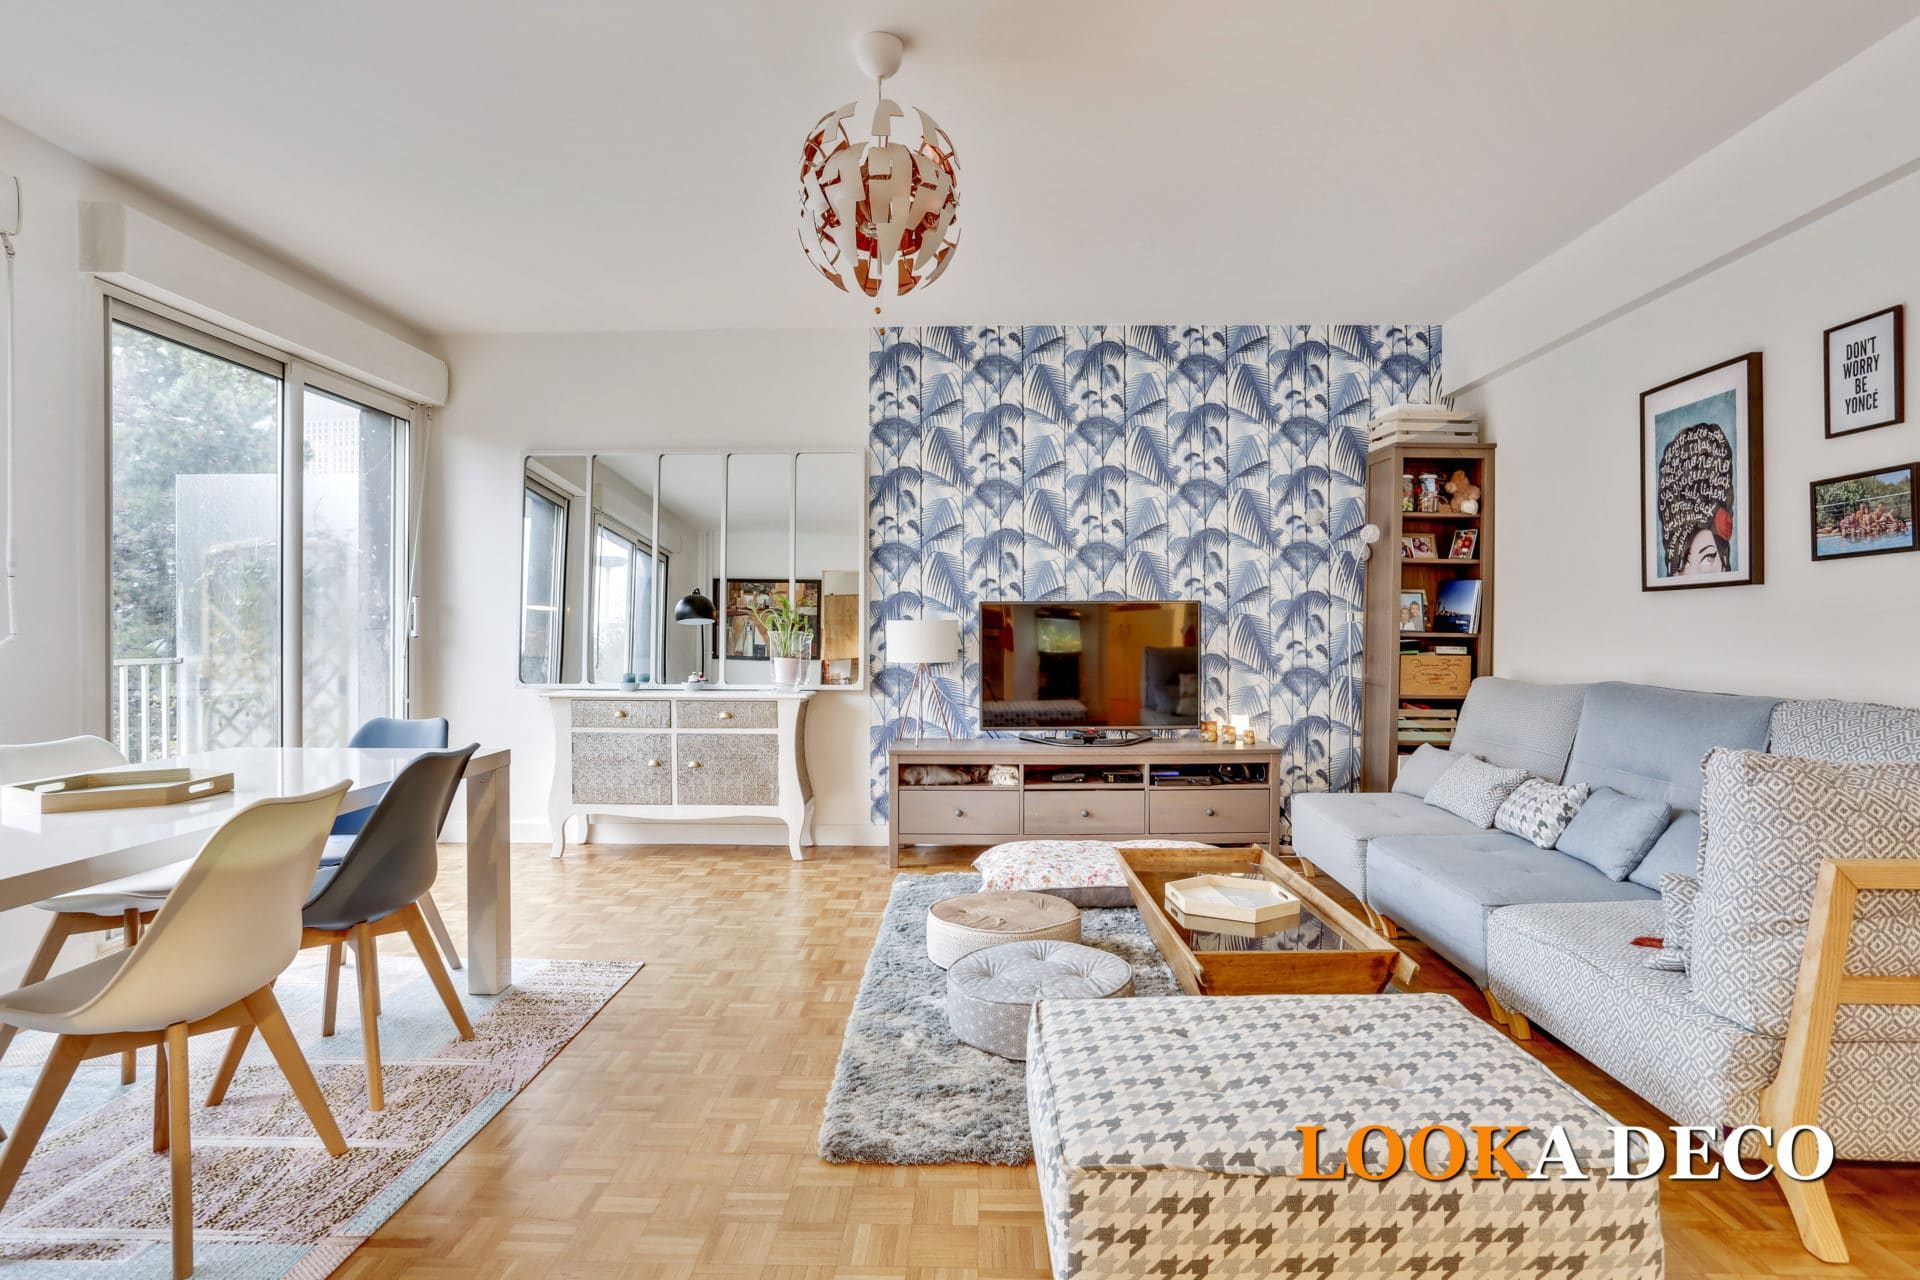 Rénovation complète d'un 4 pièces de 93 m2 | puteaux (92)